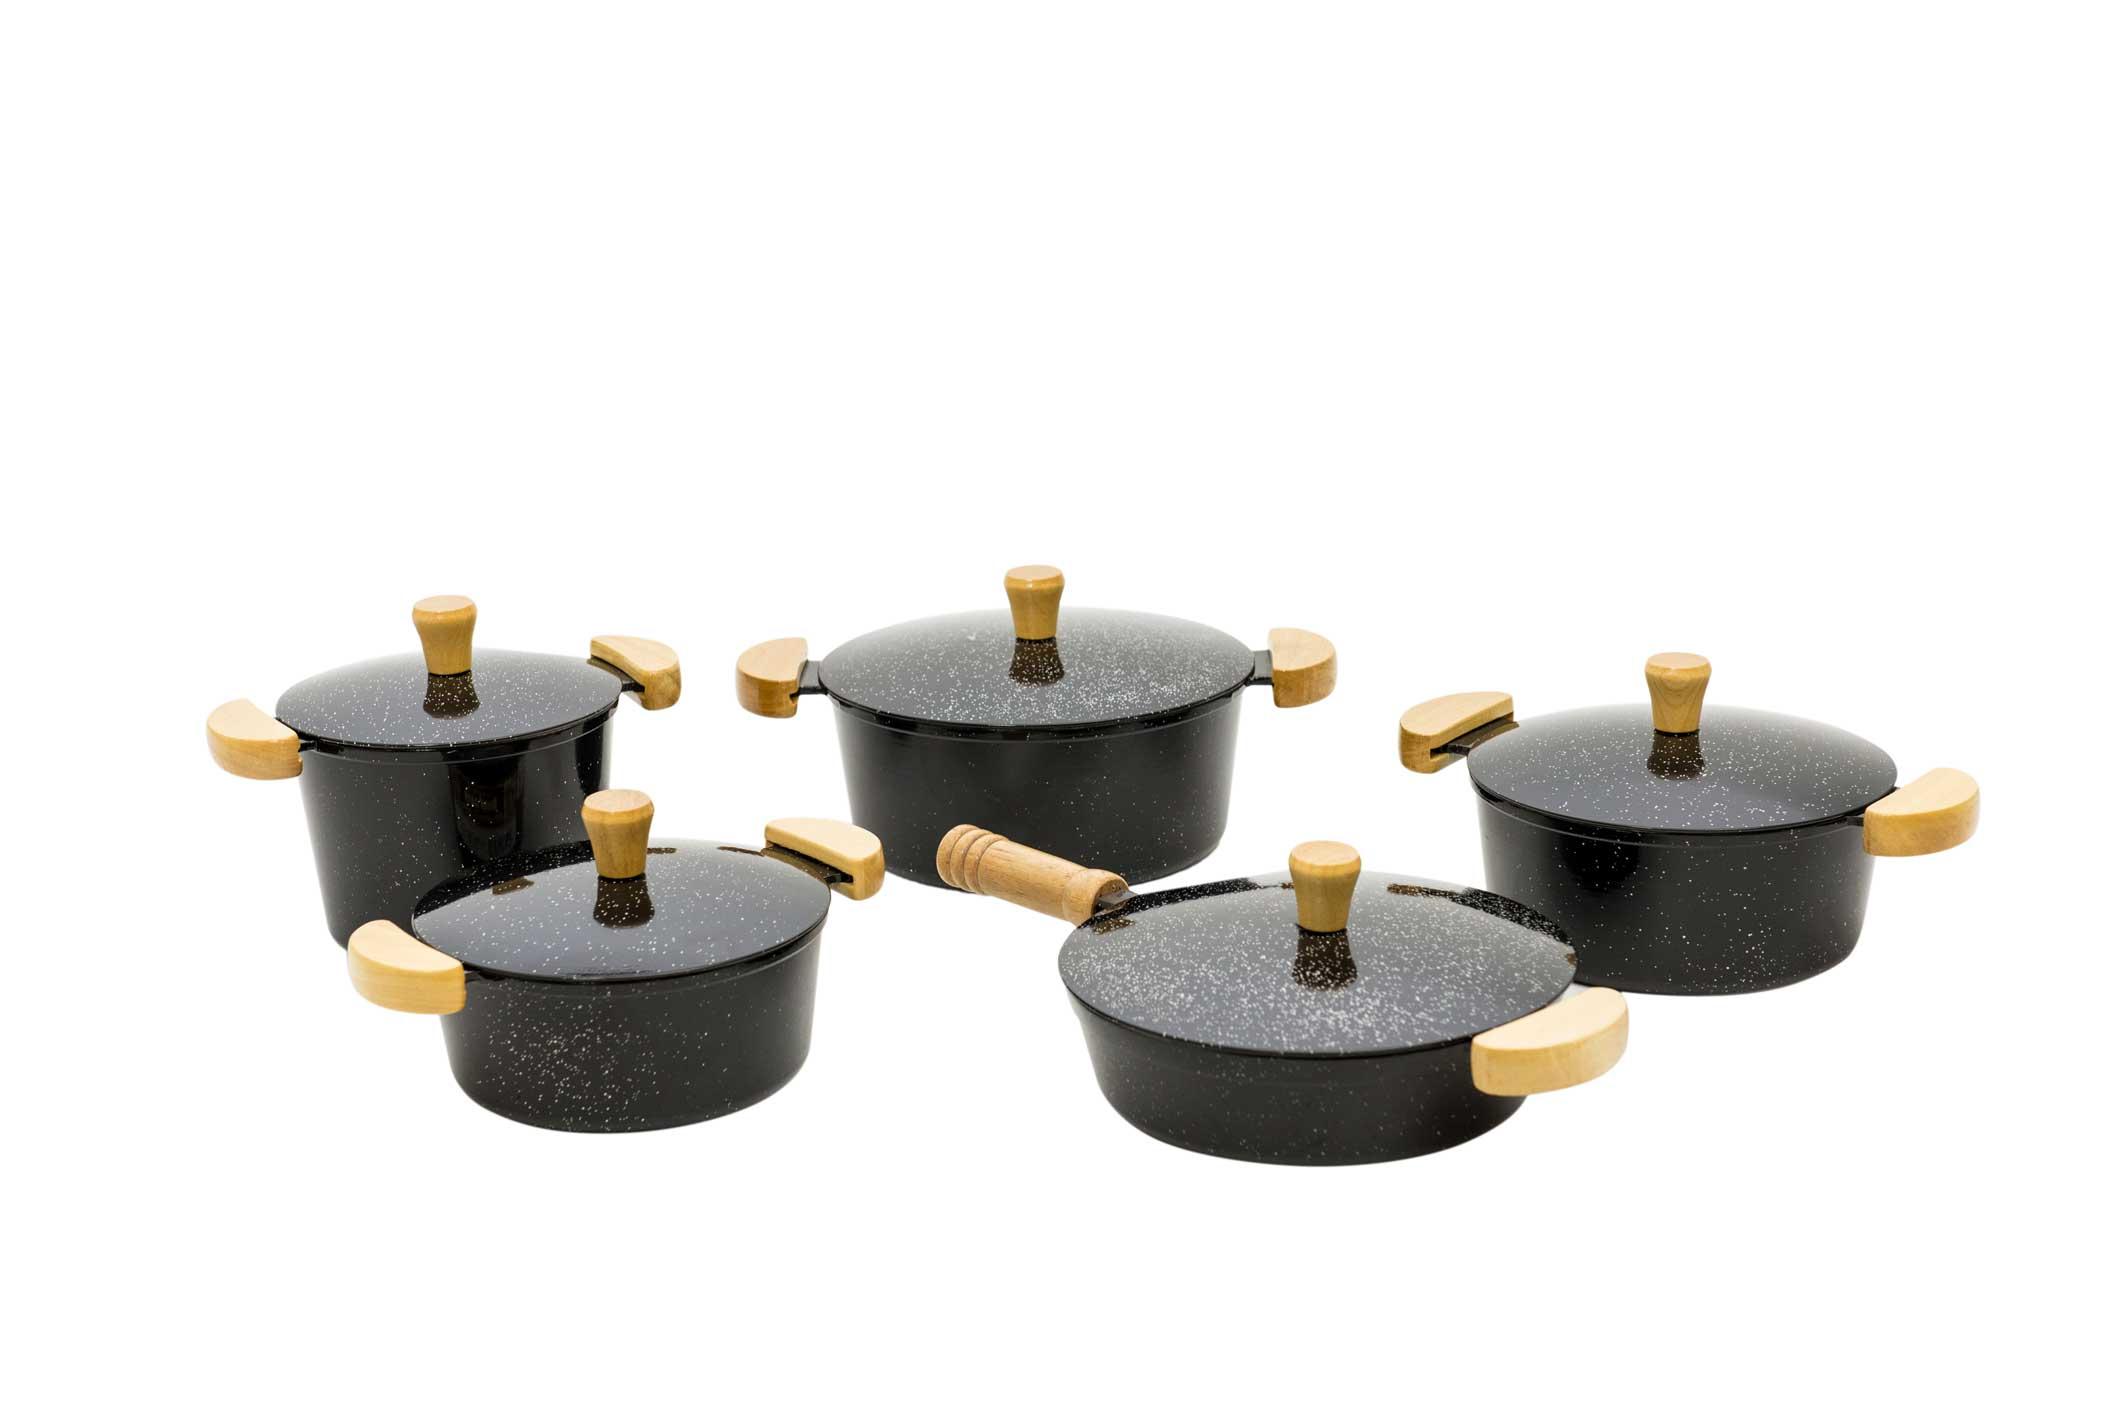 Jogo de Panelas em Alumínio Batido com Frigideira e Caldeirão - Preto Mesclado